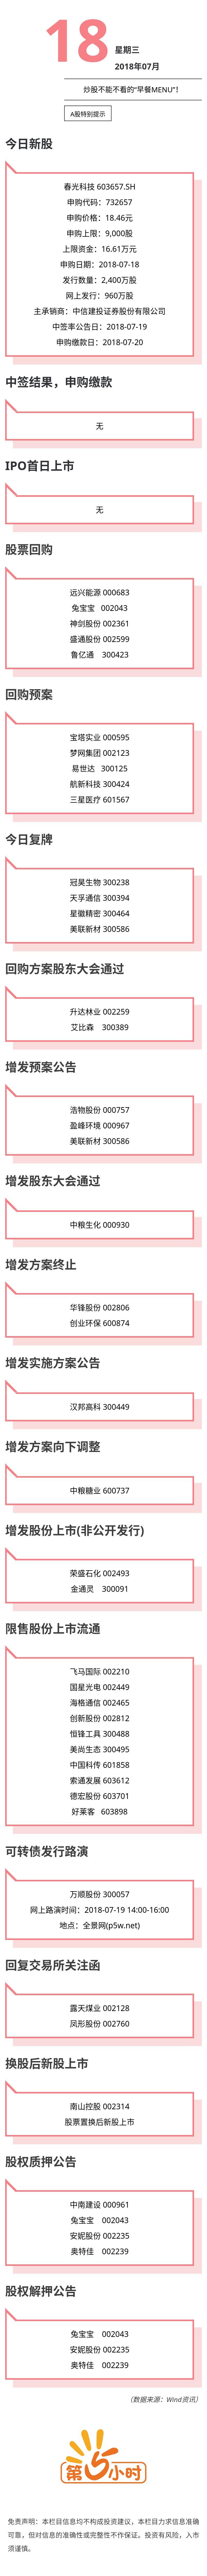 A股特别提示(2018-07-18).jpg